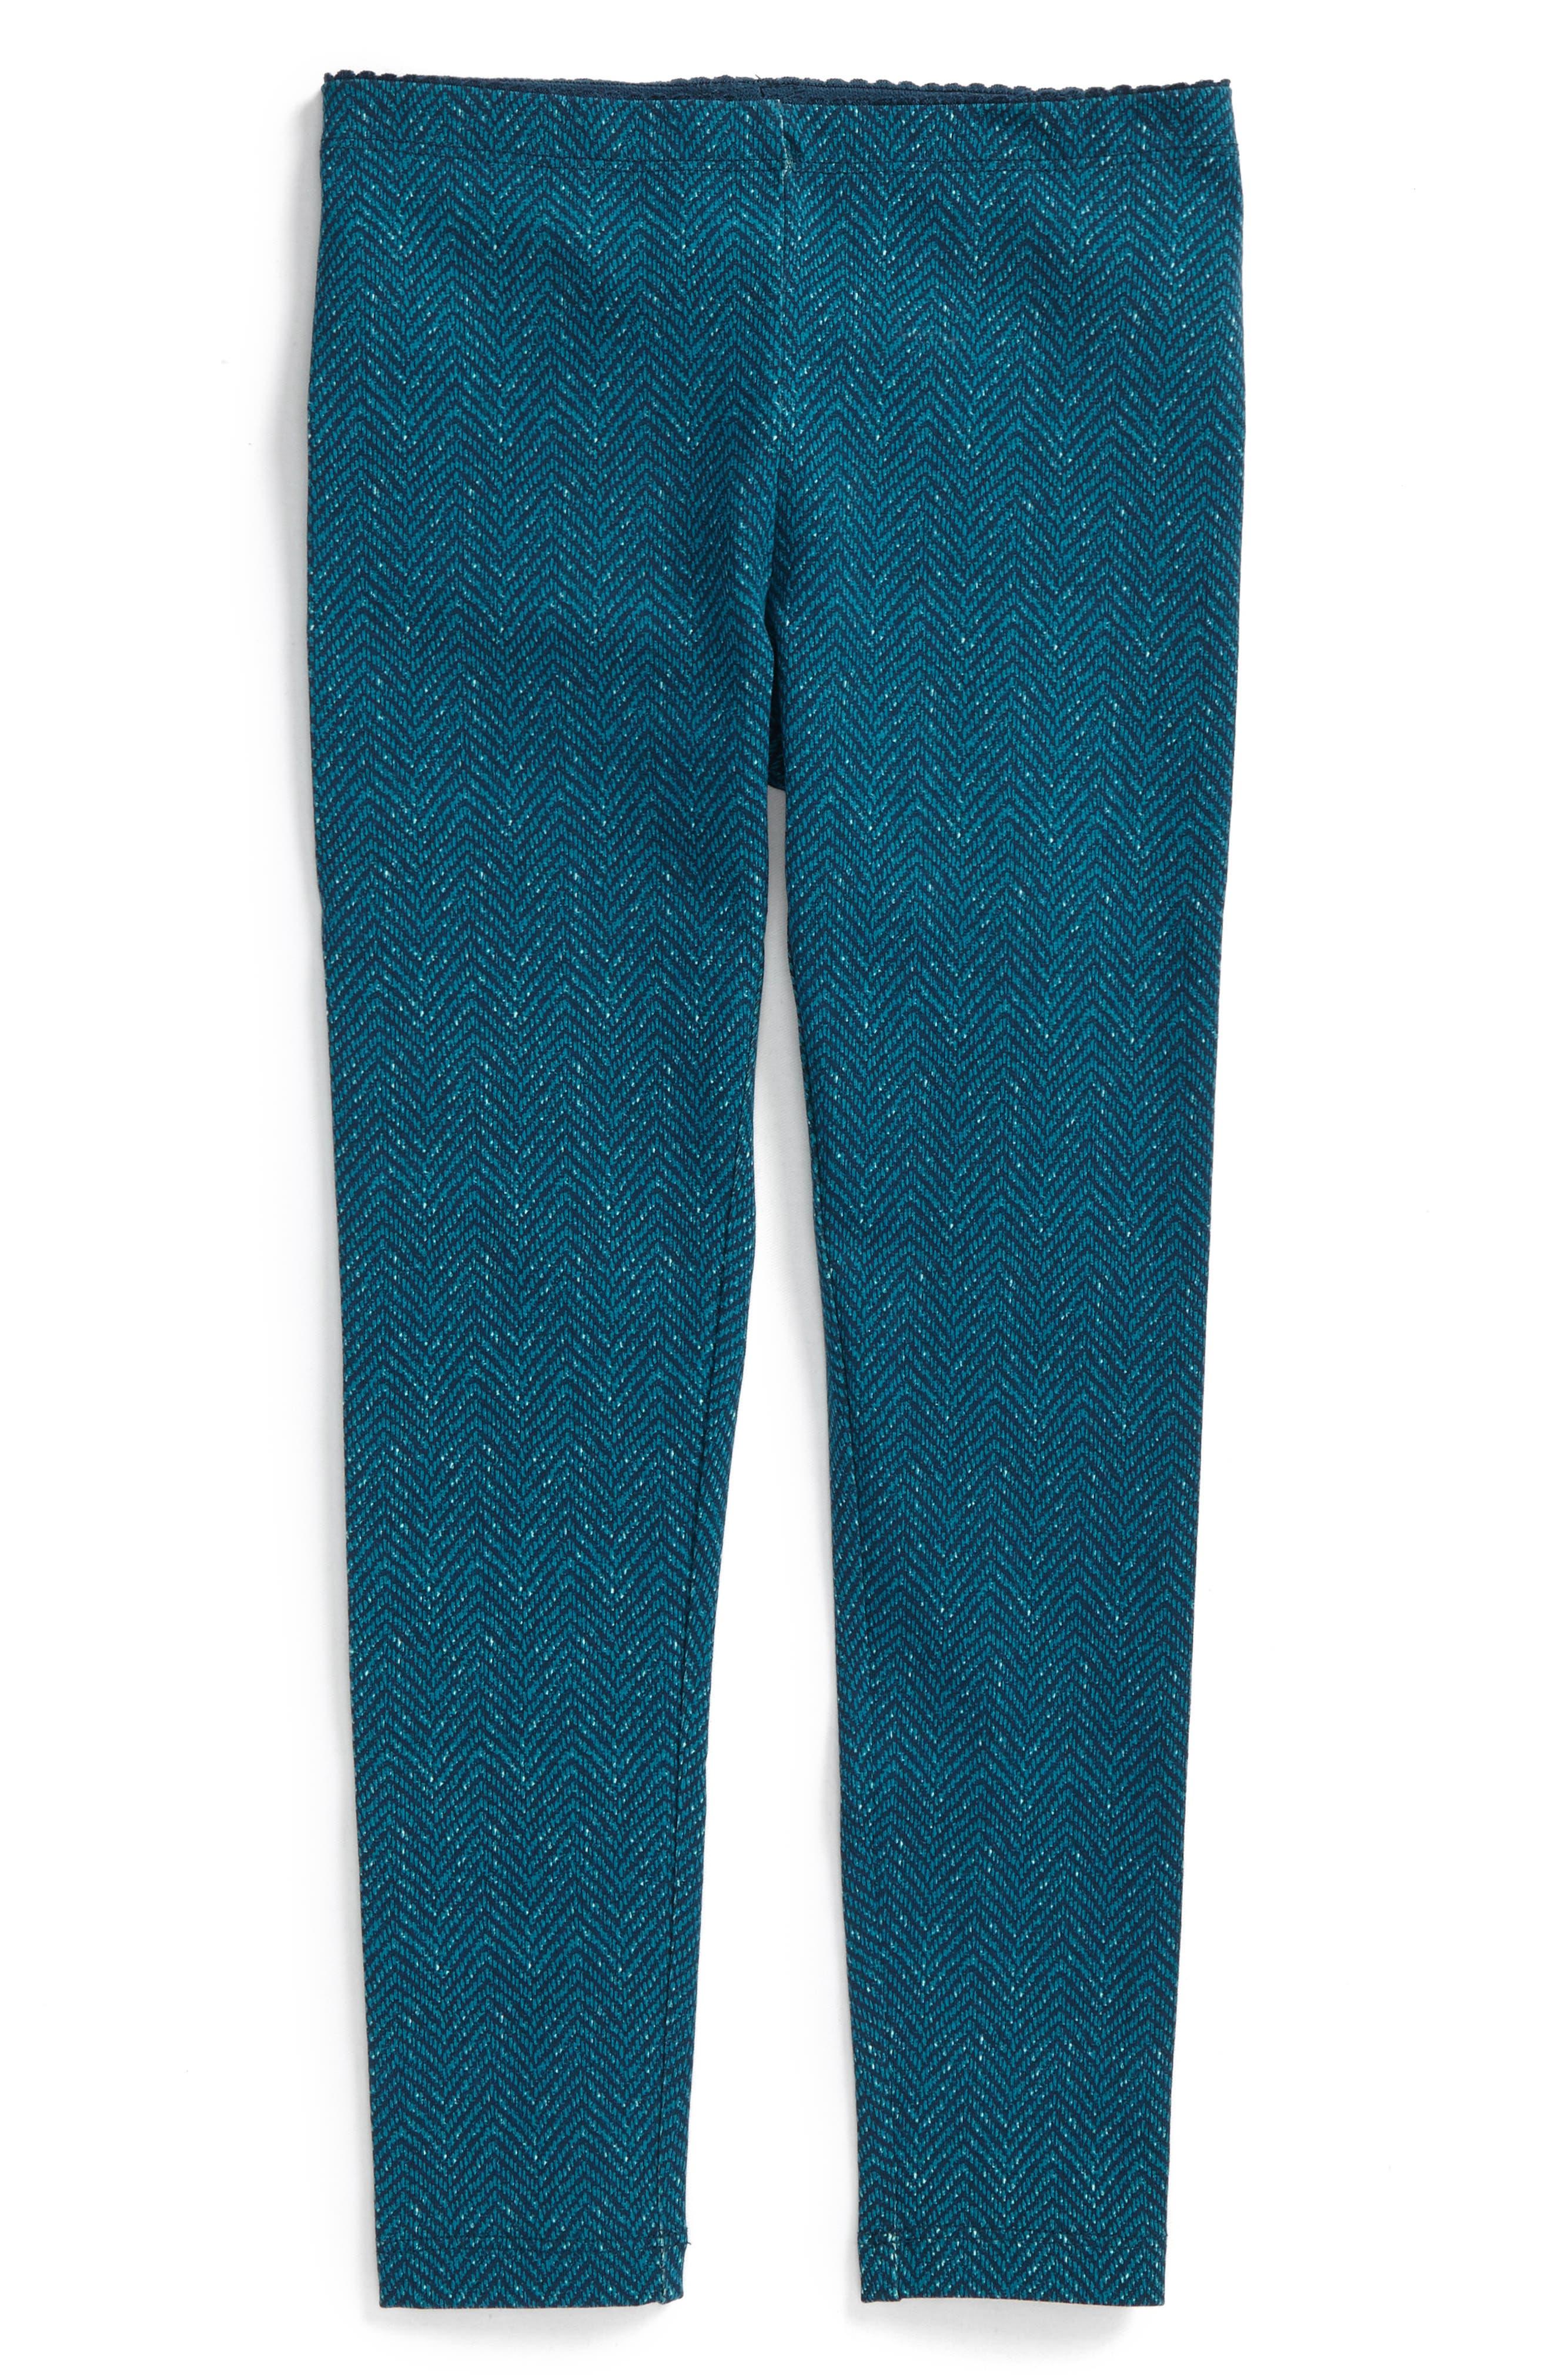 Tweed Print Leggings,                             Main thumbnail 1, color,                             River Green